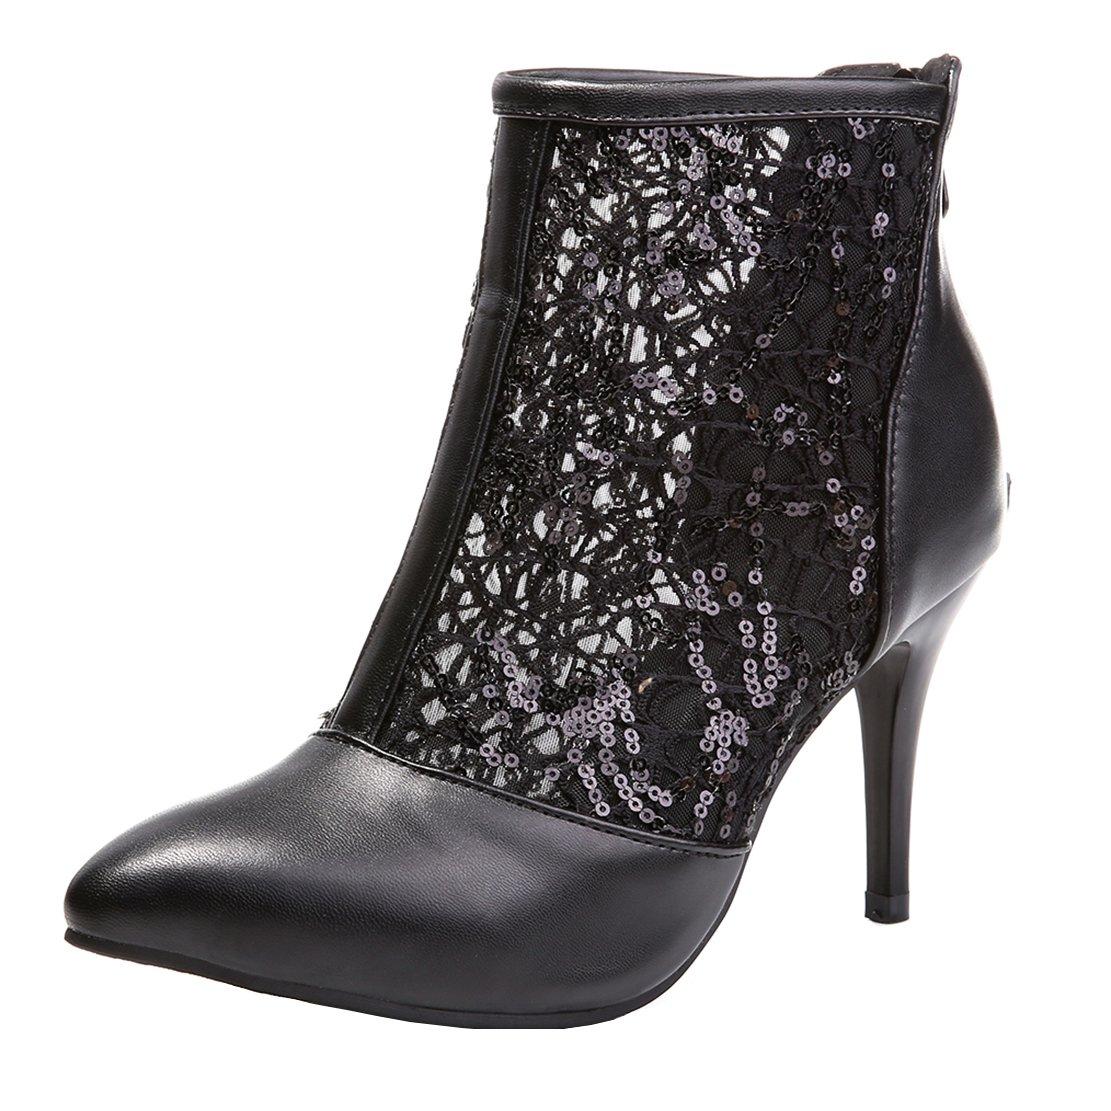 AIYOUMEI Damen Spitz Stiletto High Heels Herbst Stiefeletten mit Spitze Pumps Schuhe  38 EU|Schwarz